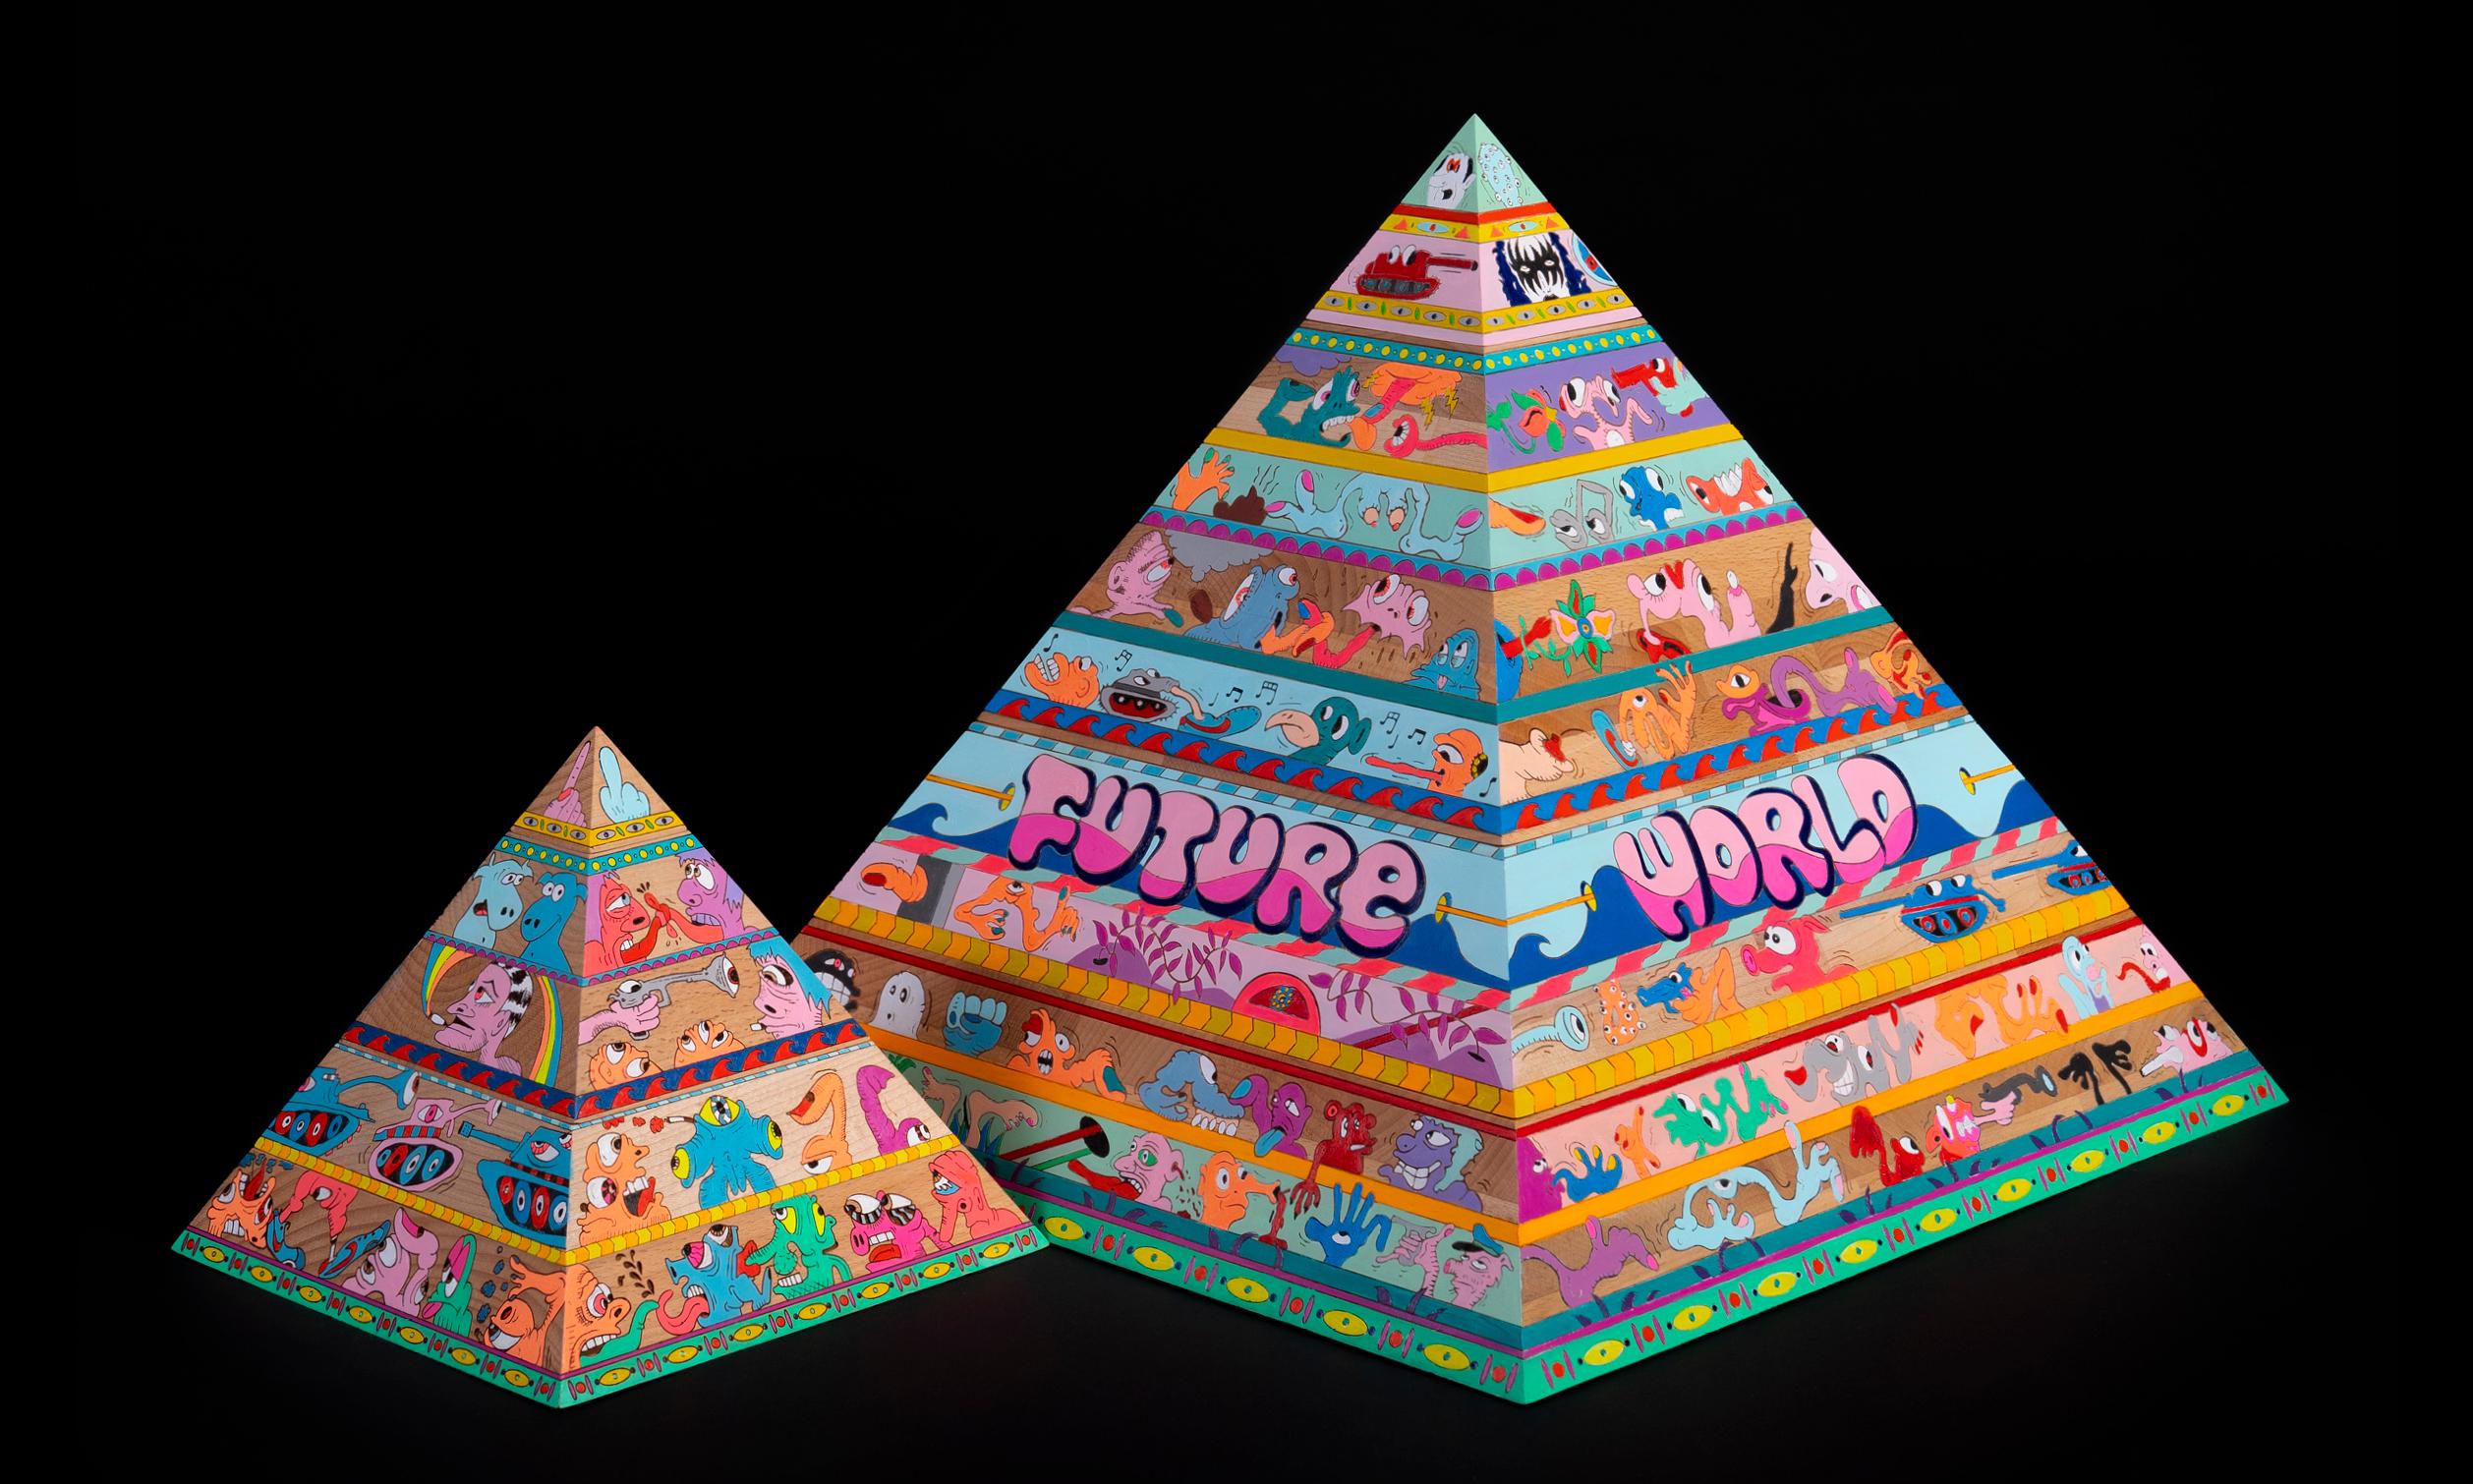 Erik Parker 携手 AllRightsReserved 带来 FUTURE 原木金字塔雕塑及版画